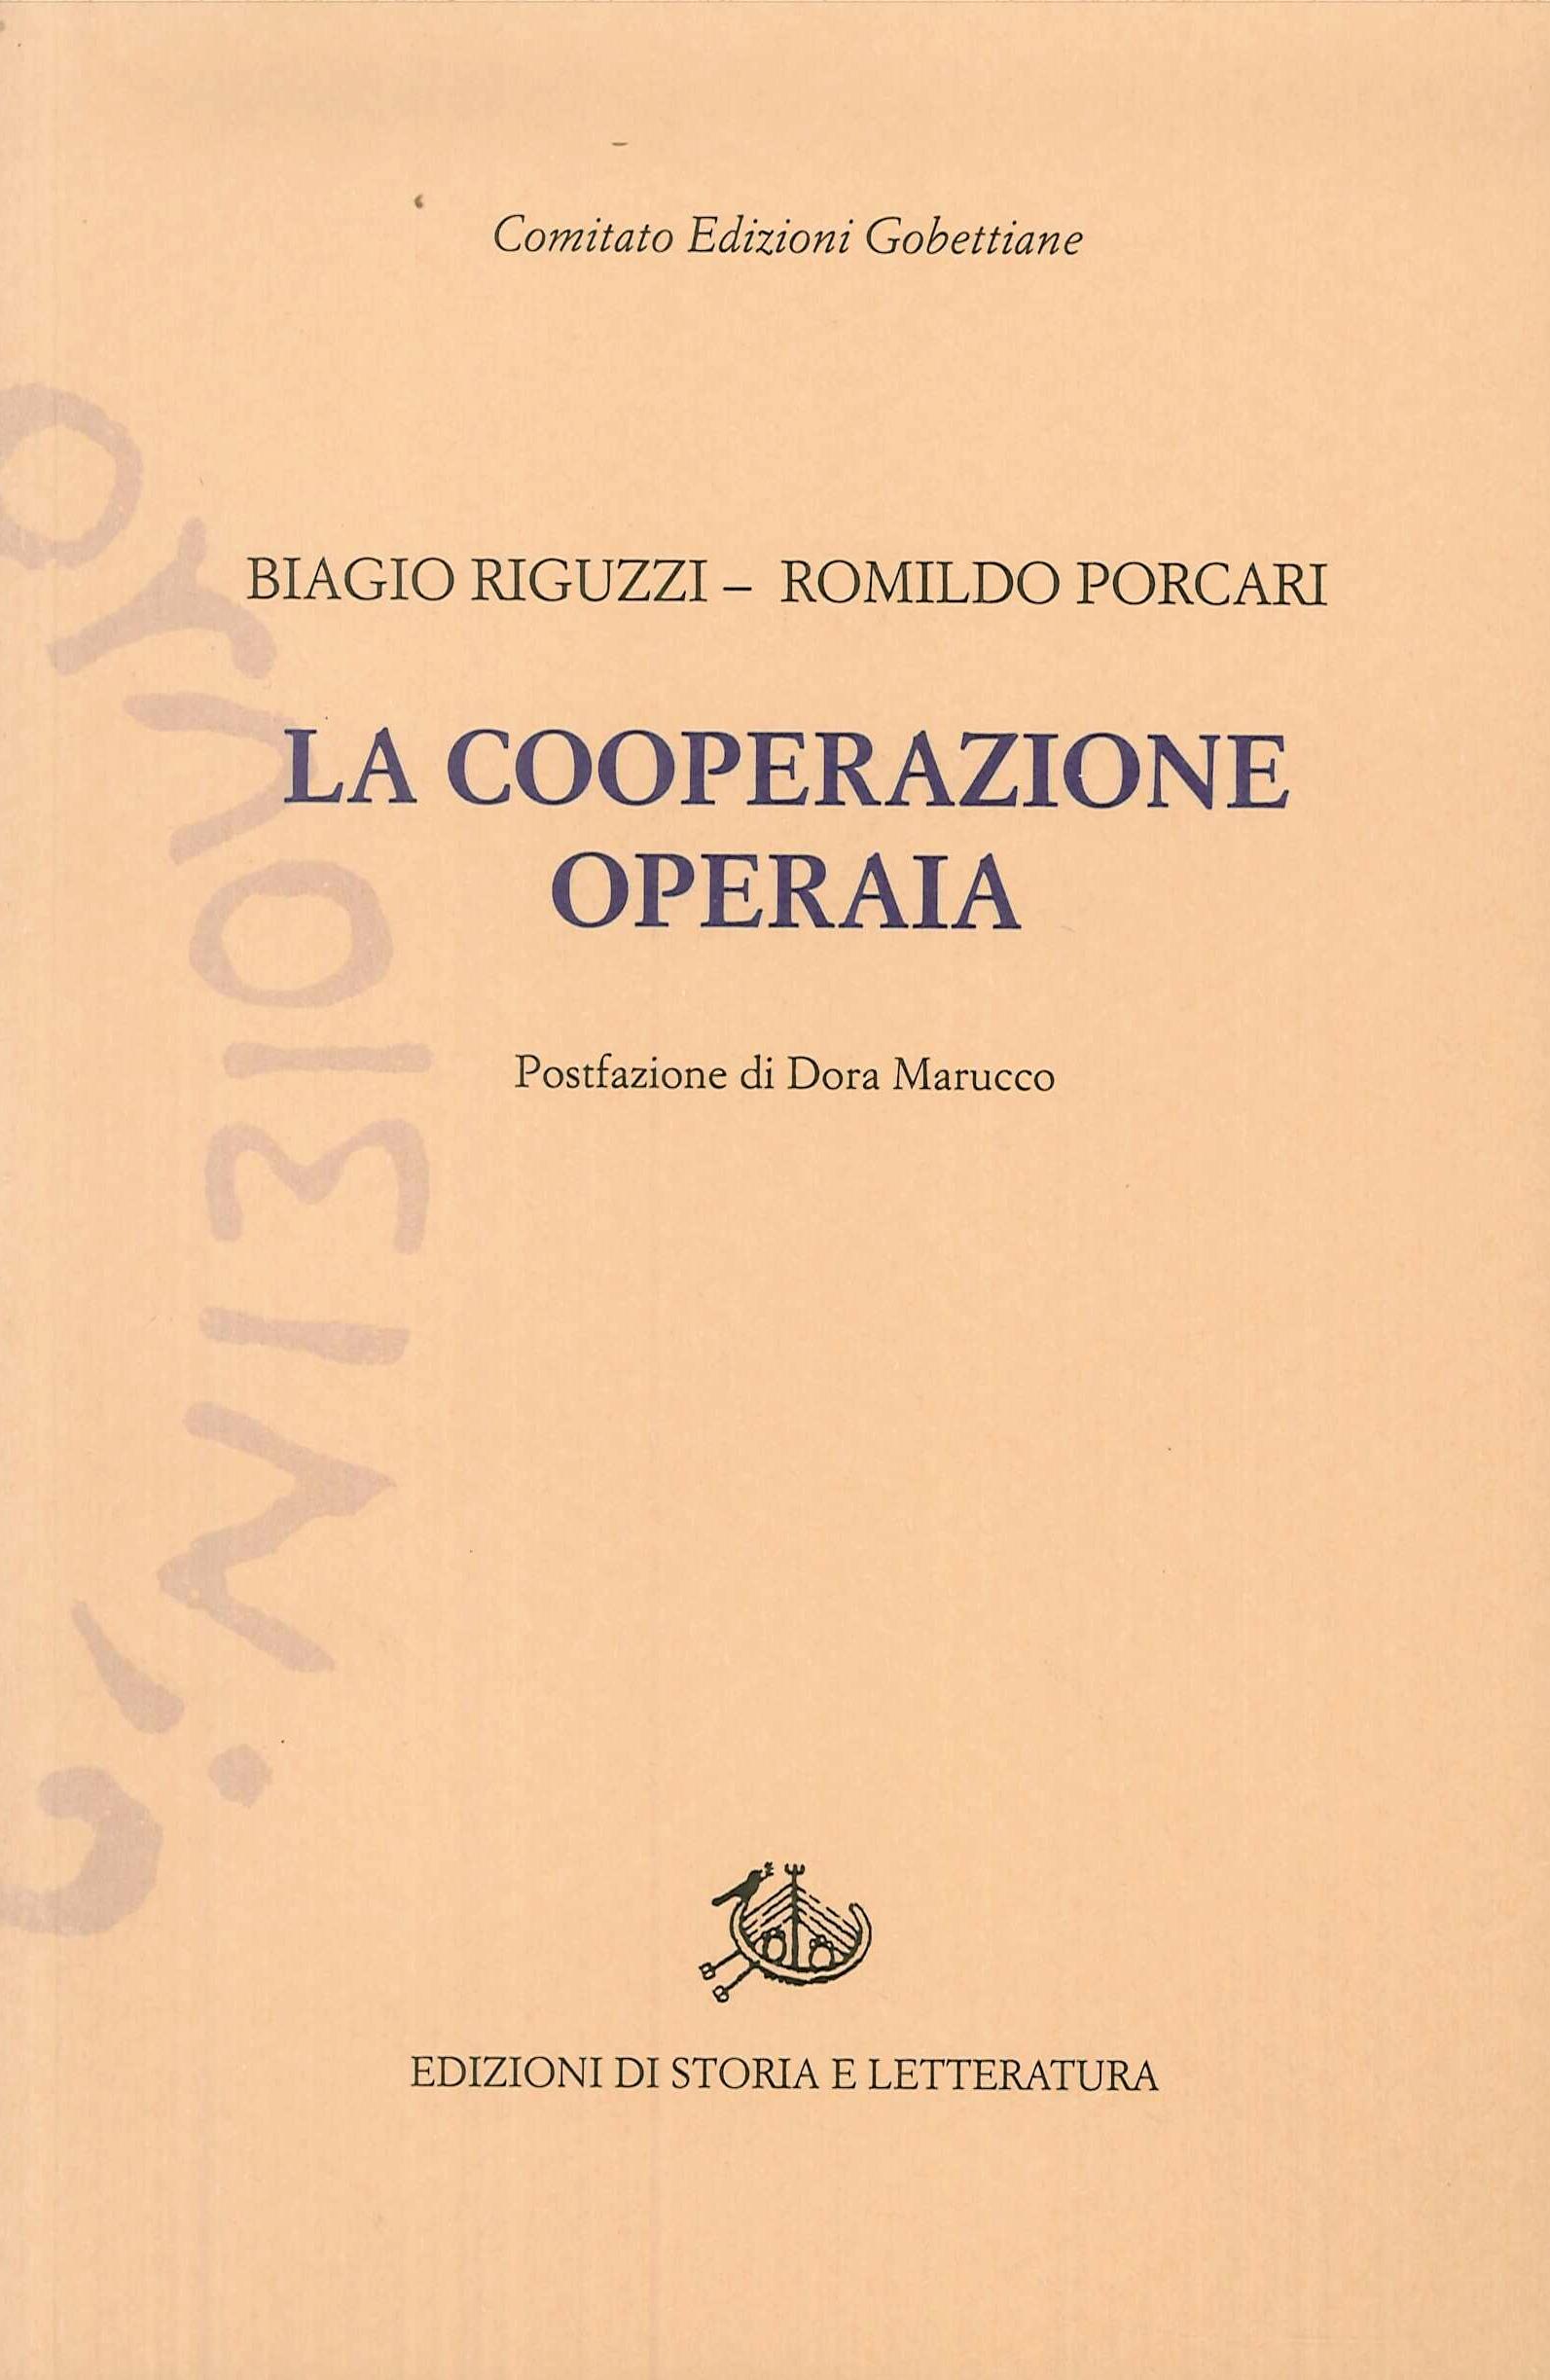 La cooperazione operaia